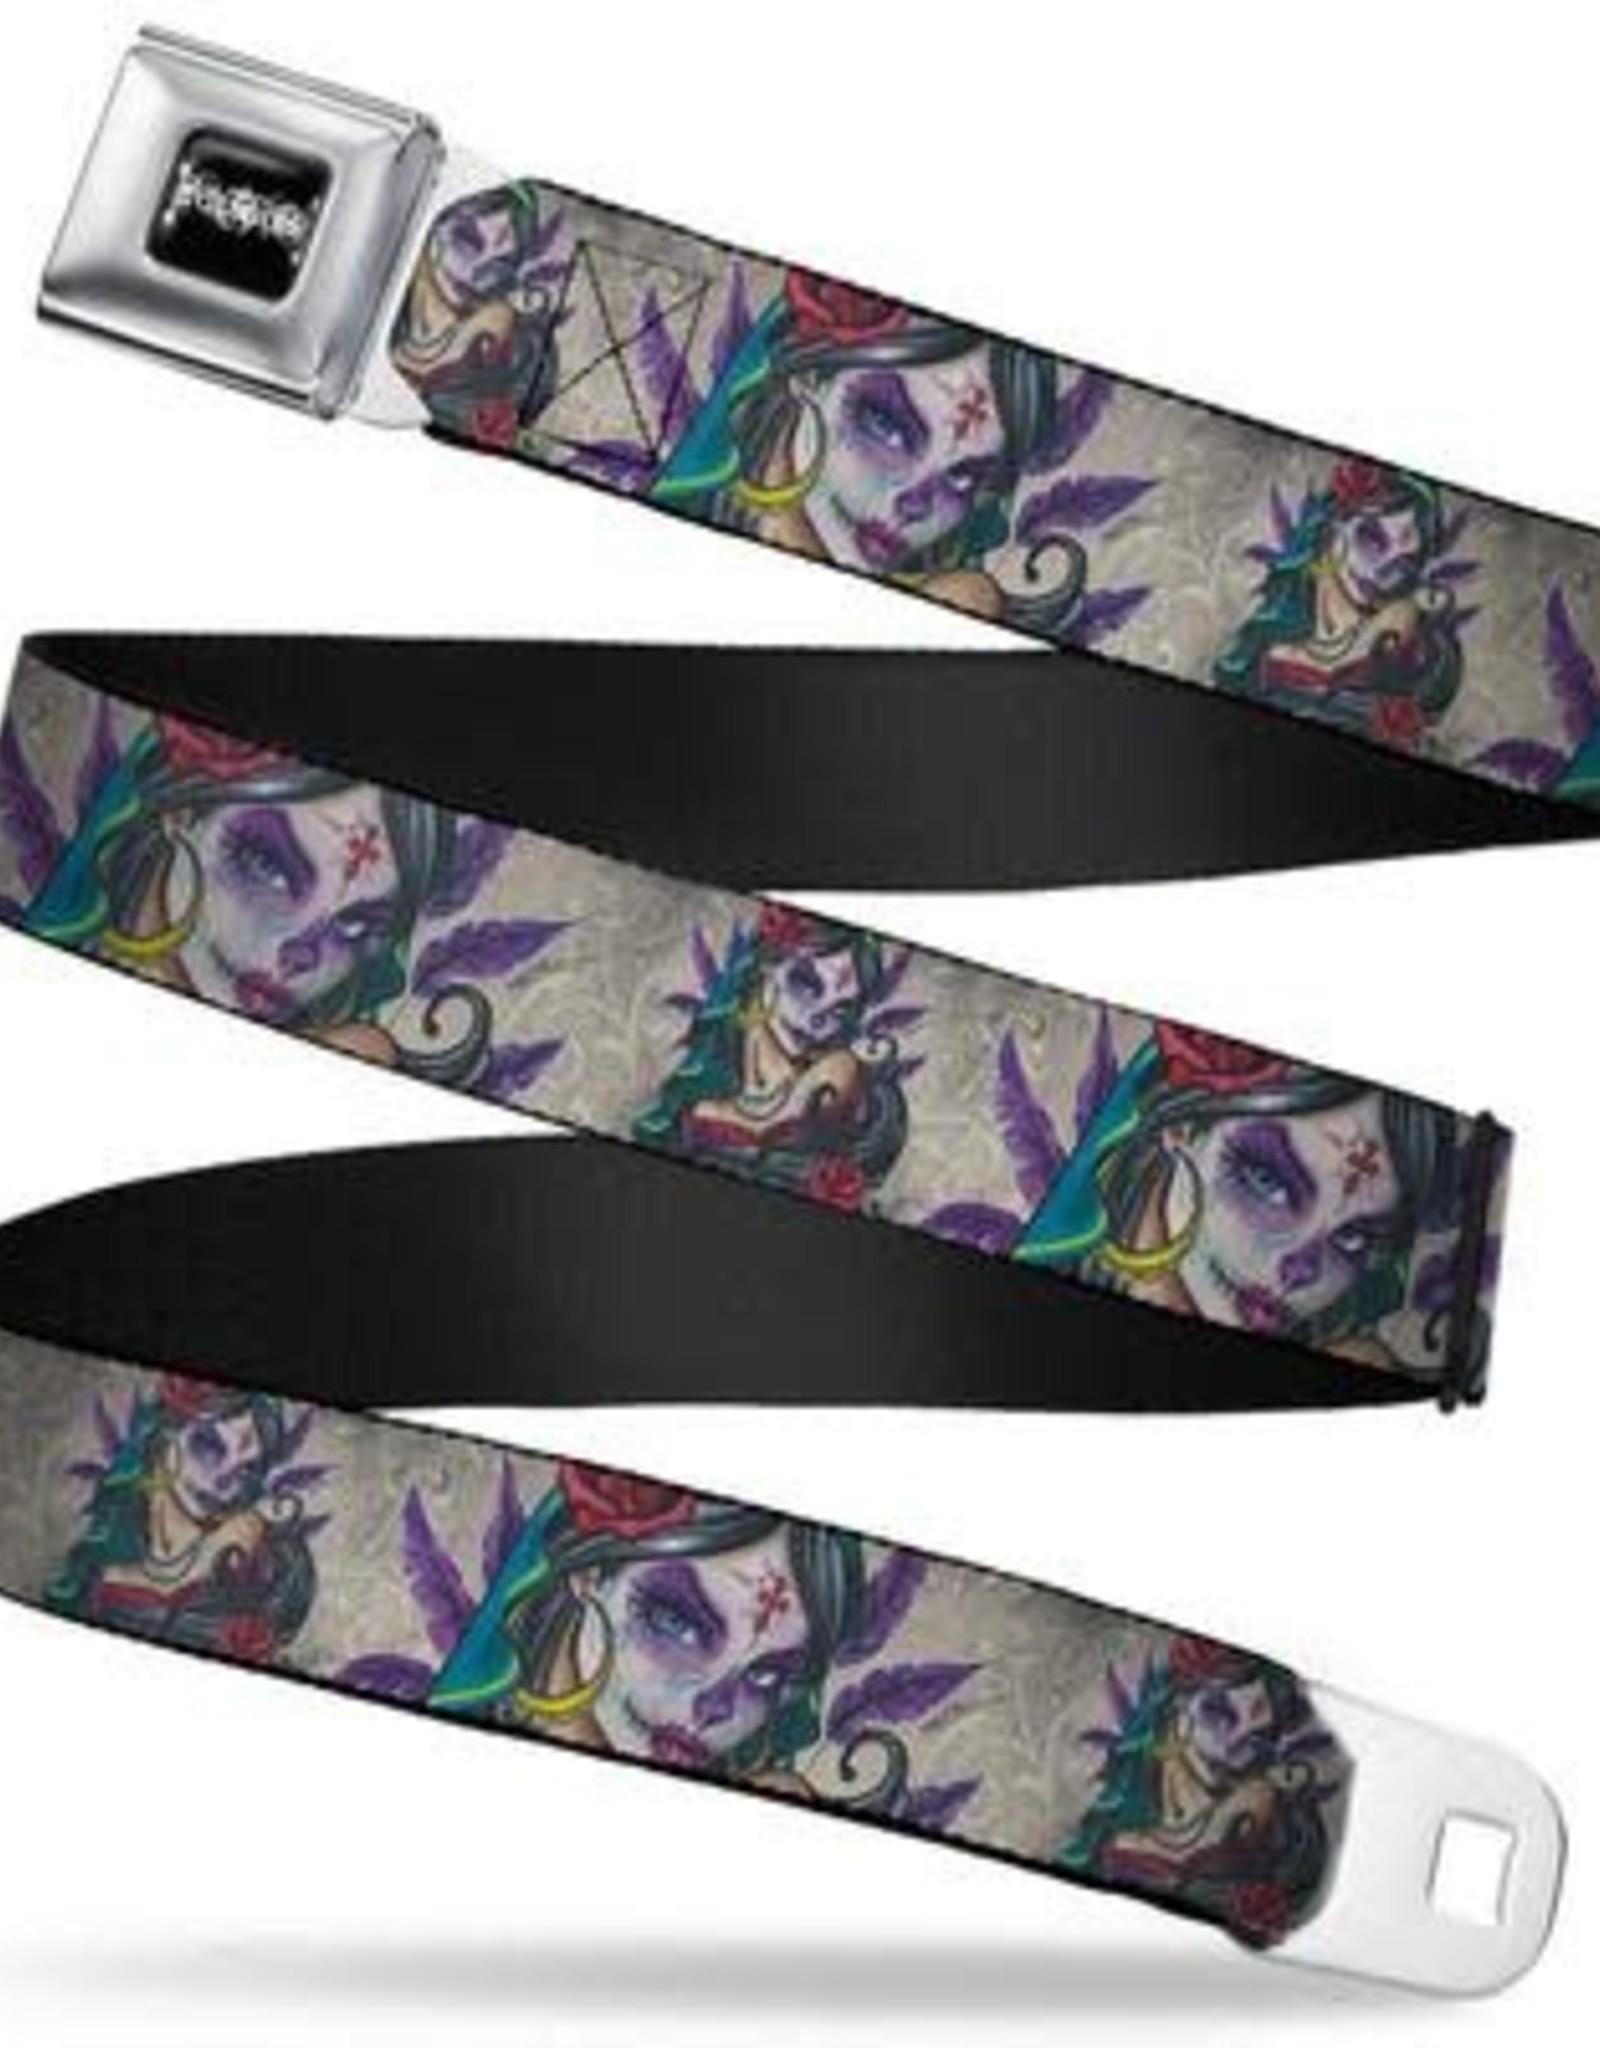 Buckle Down Belts Sexy Ink Girls Muerta Seatbelt Belt